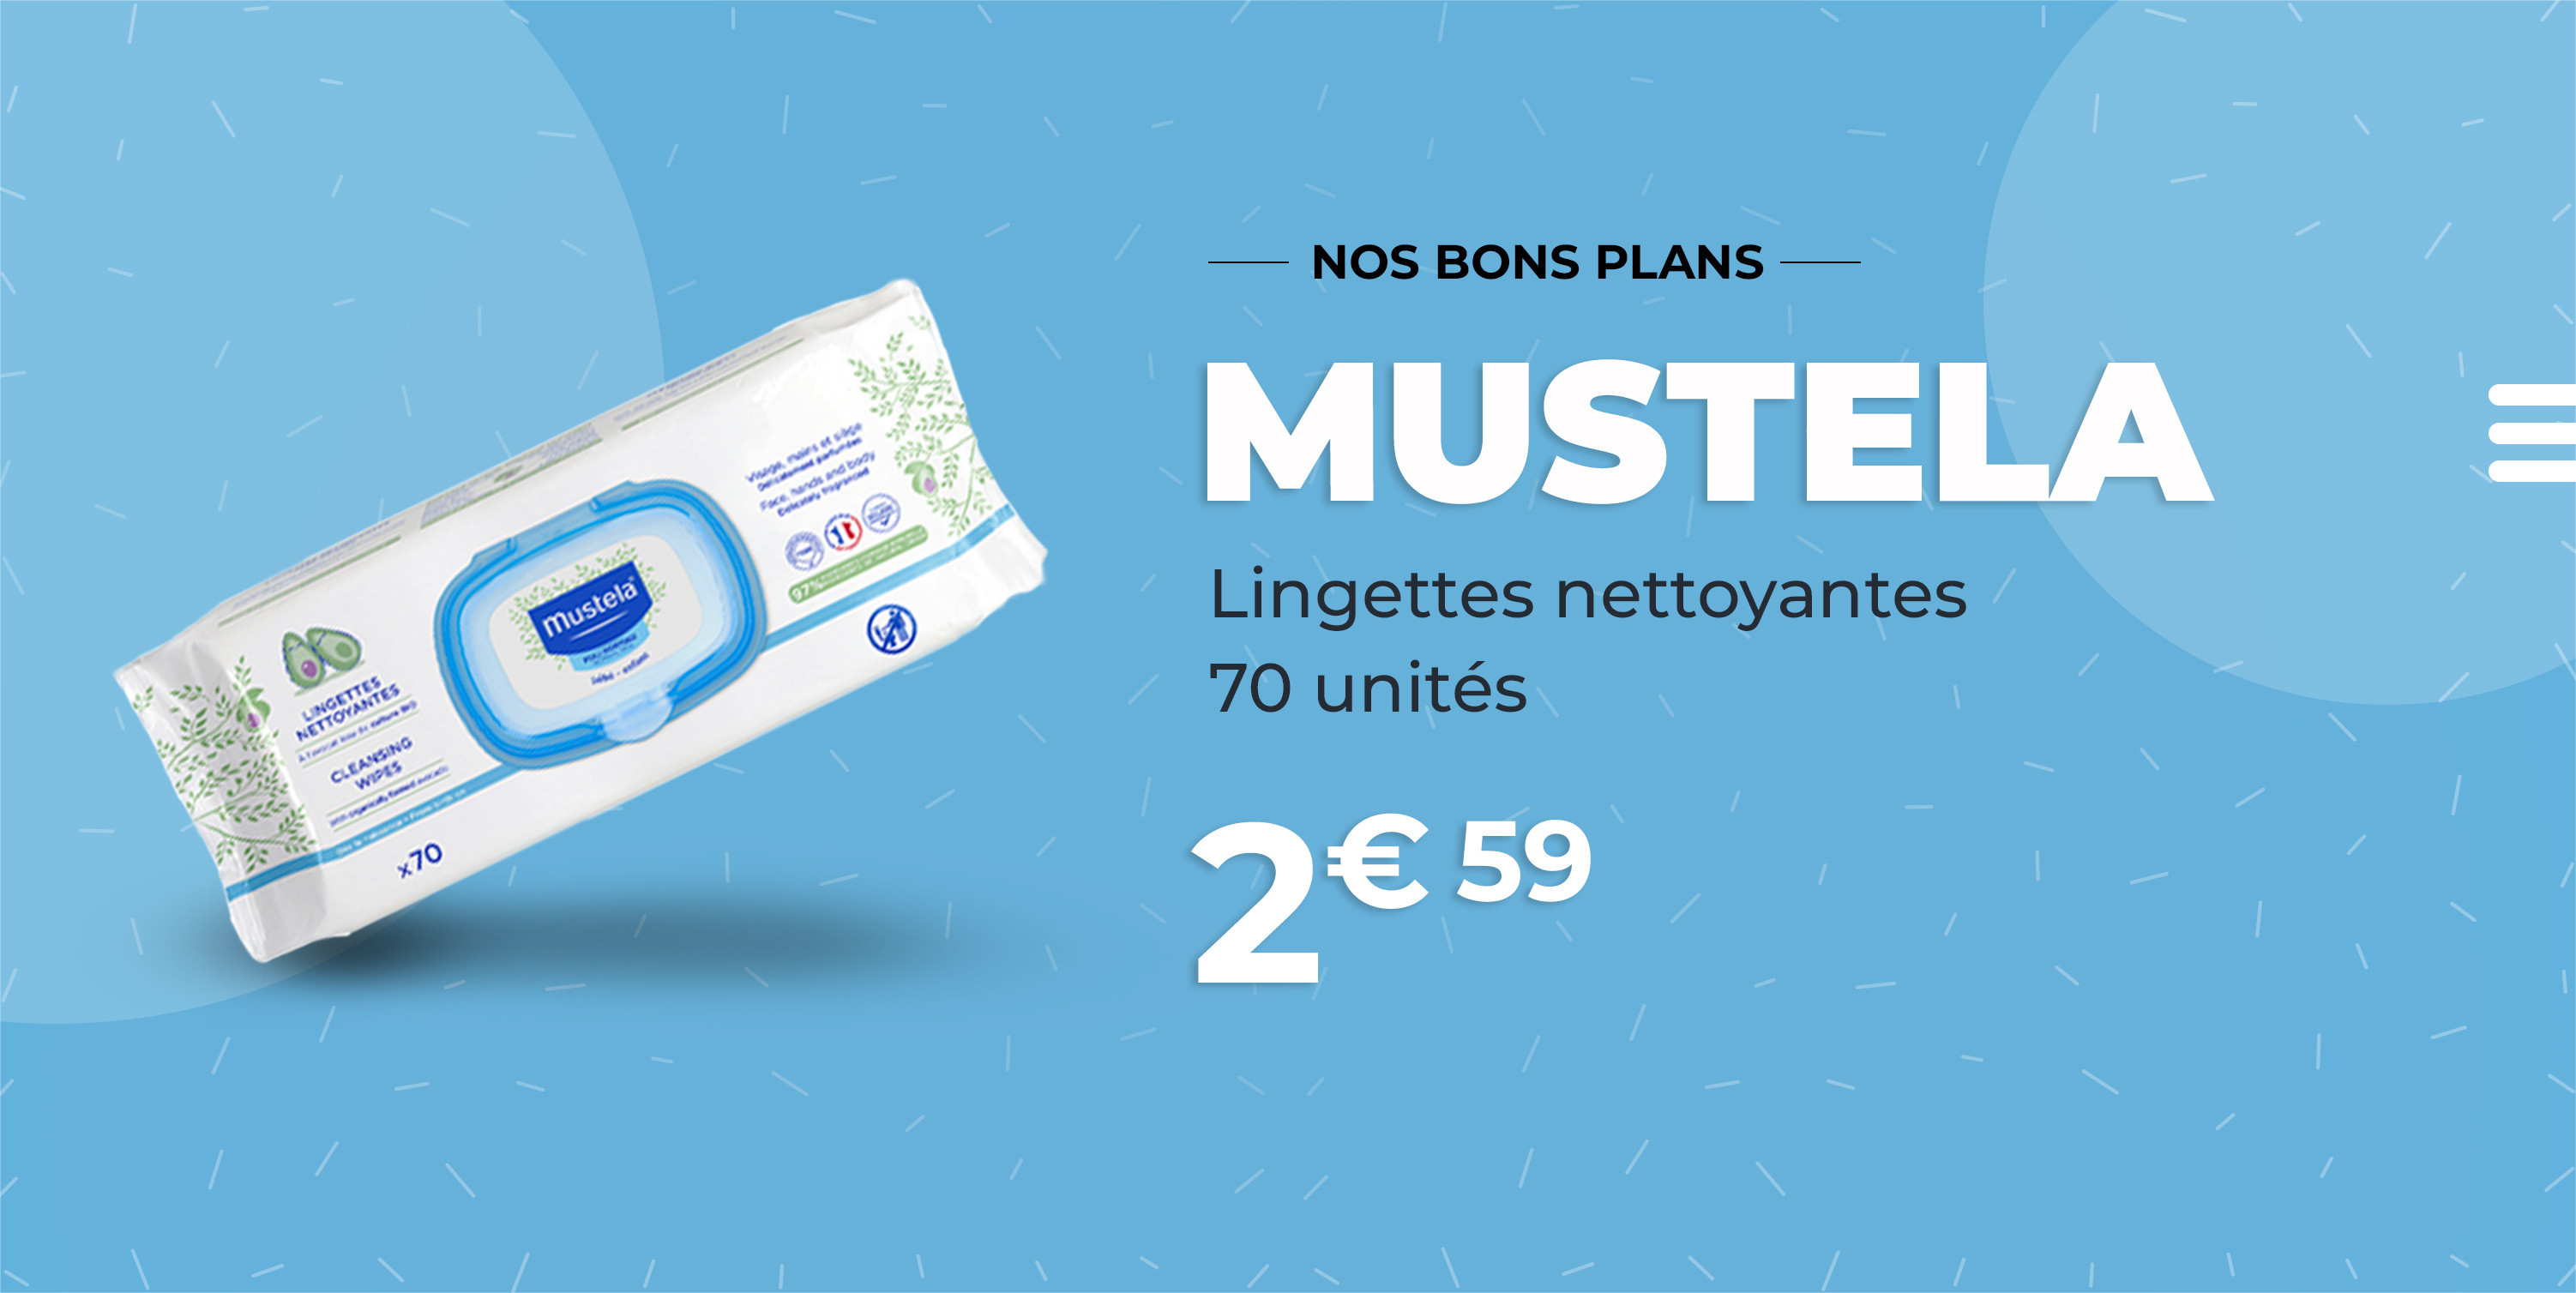 Mustela Lingettes 70 unités